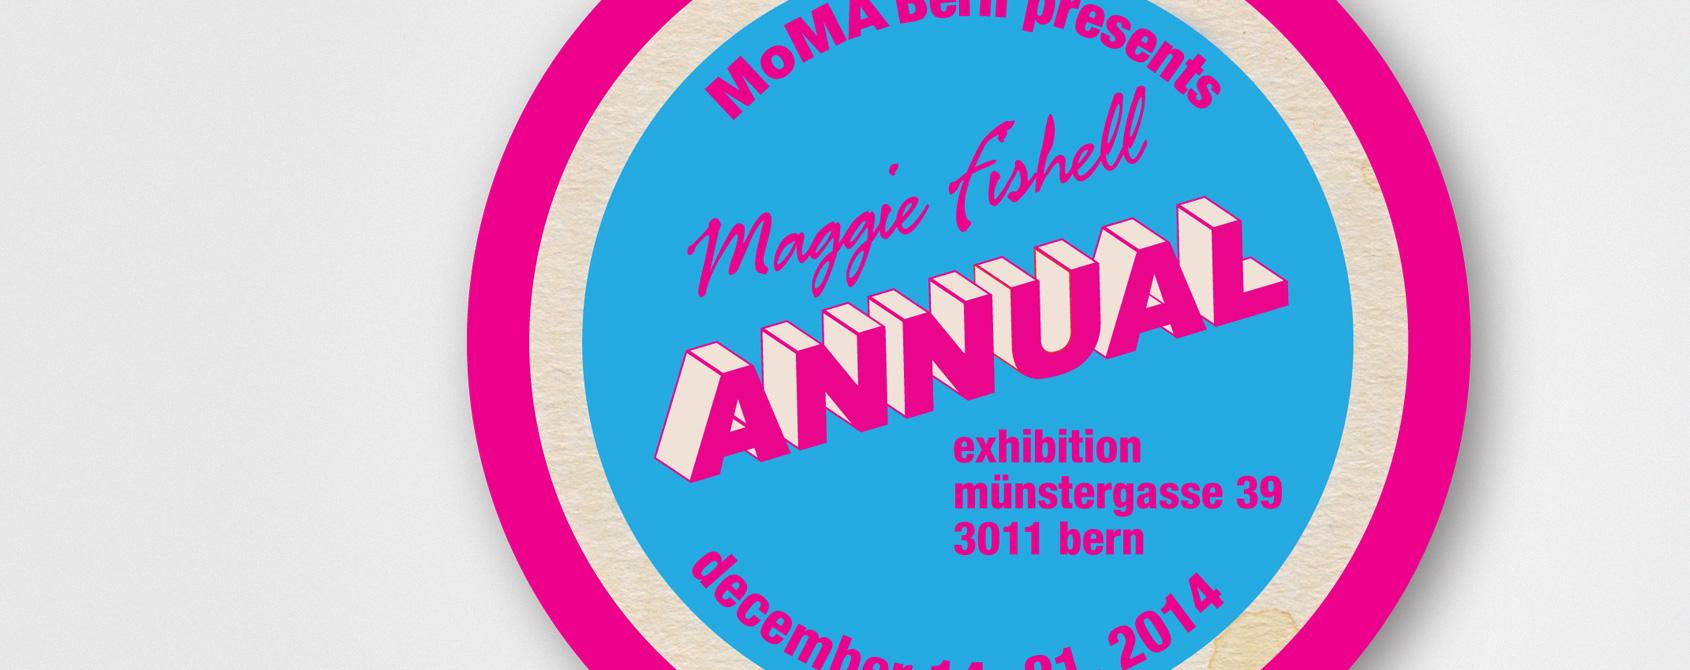 Annual von Maggie Fishell